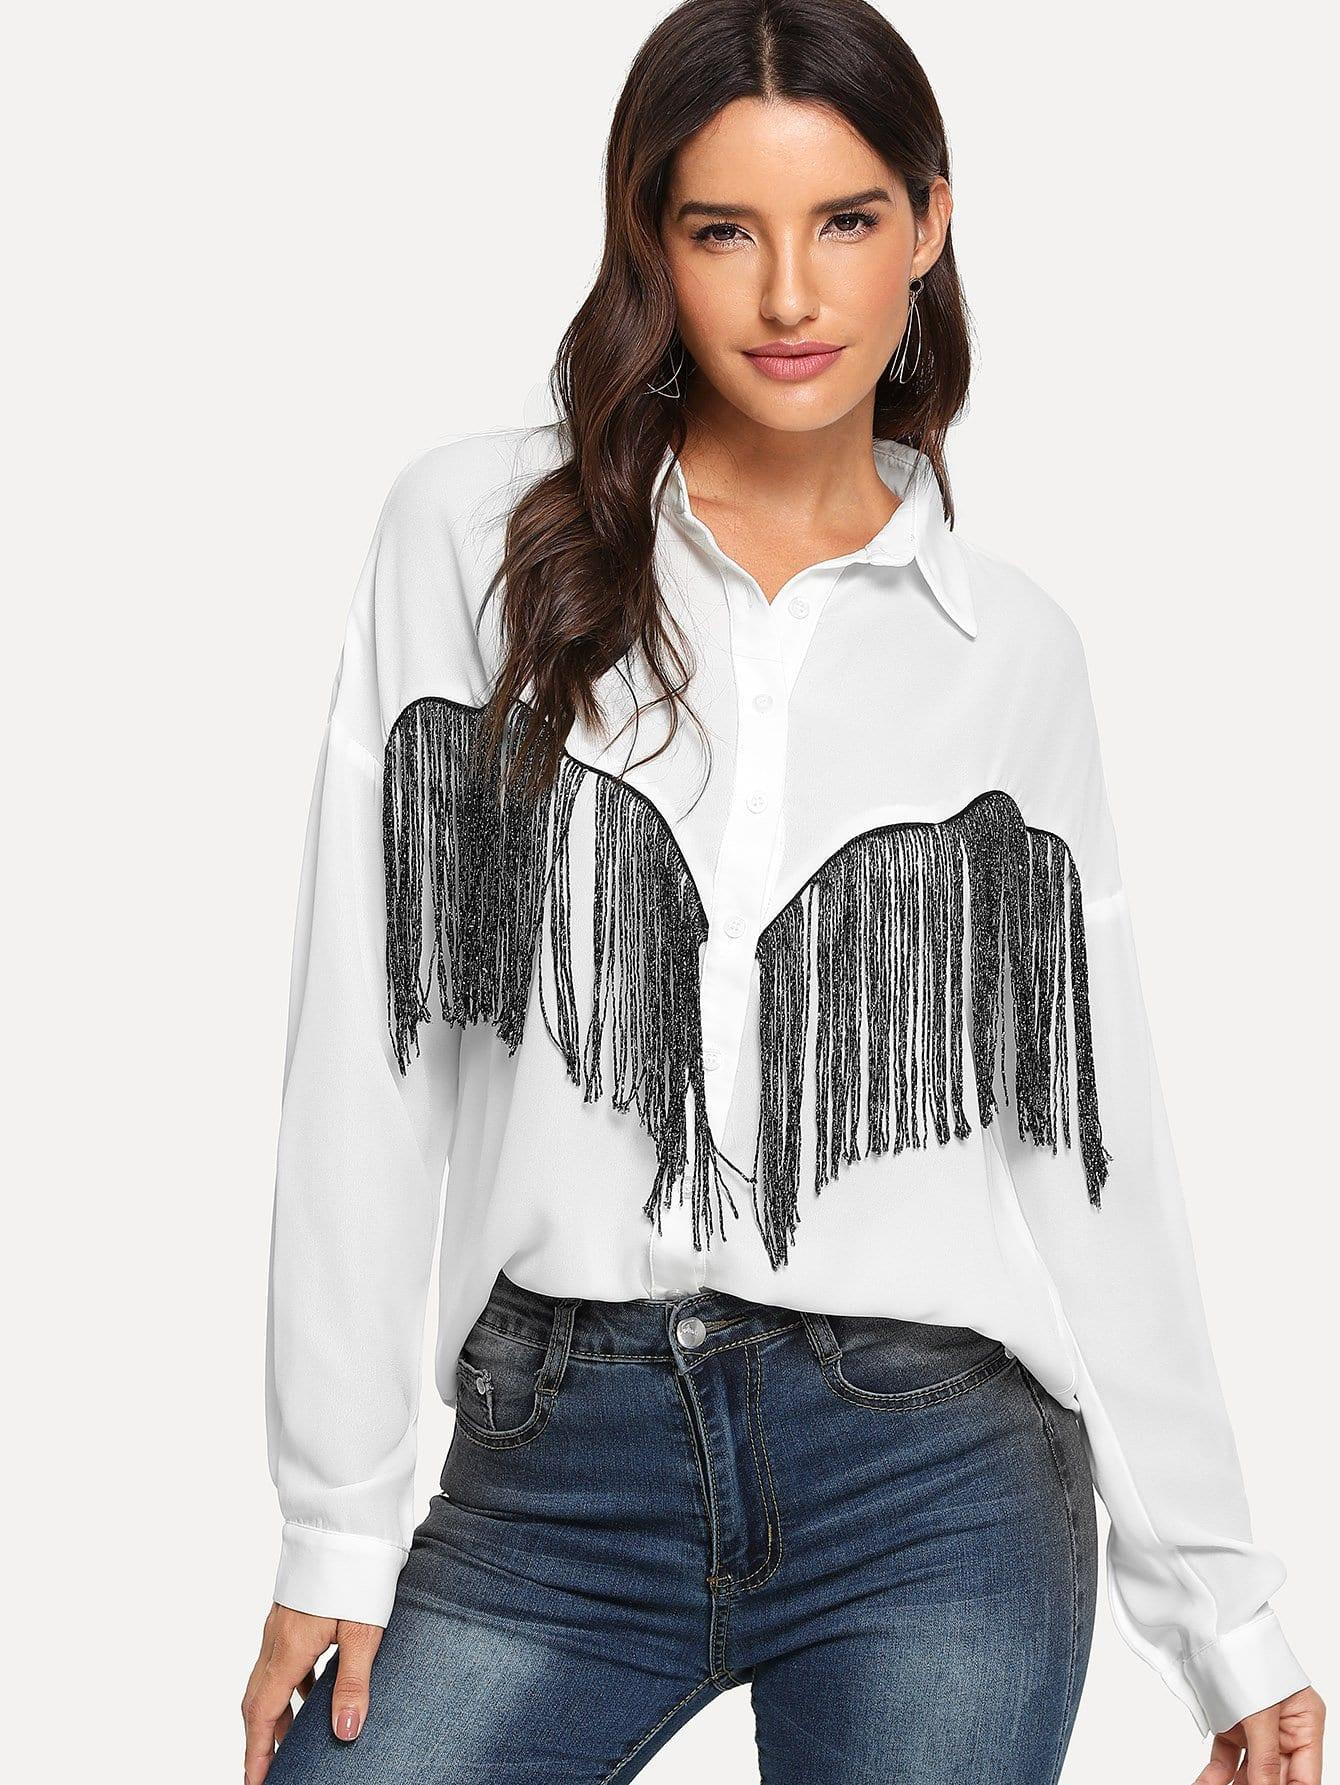 Купить Рубашка Украшение Из Бисера С Бахромами, Juliana, SheIn